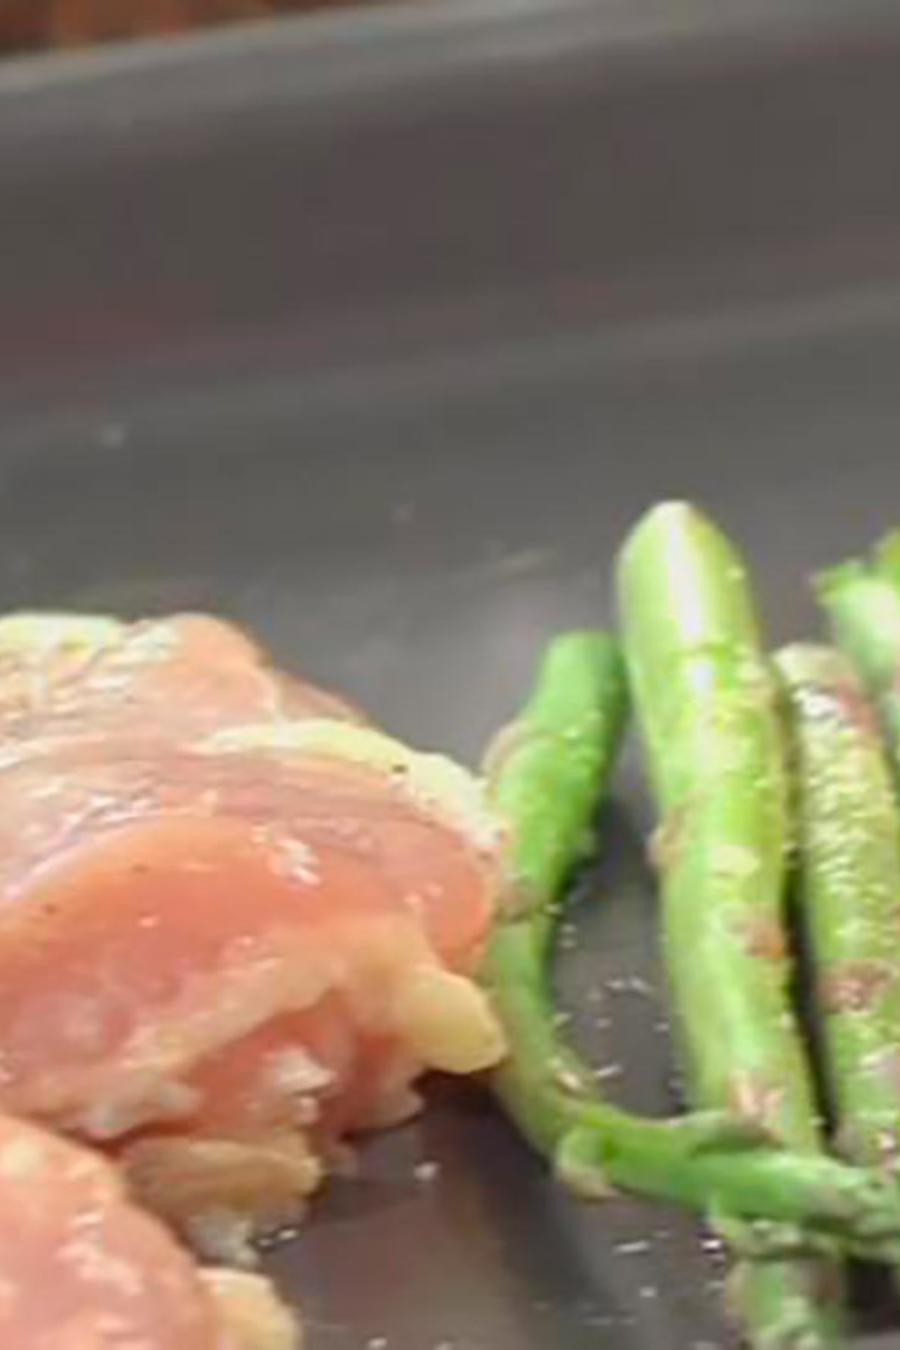 Recetas de cocina: Cómo hacer Pollo con Zanahorias, Espárragos y Papas al Horno